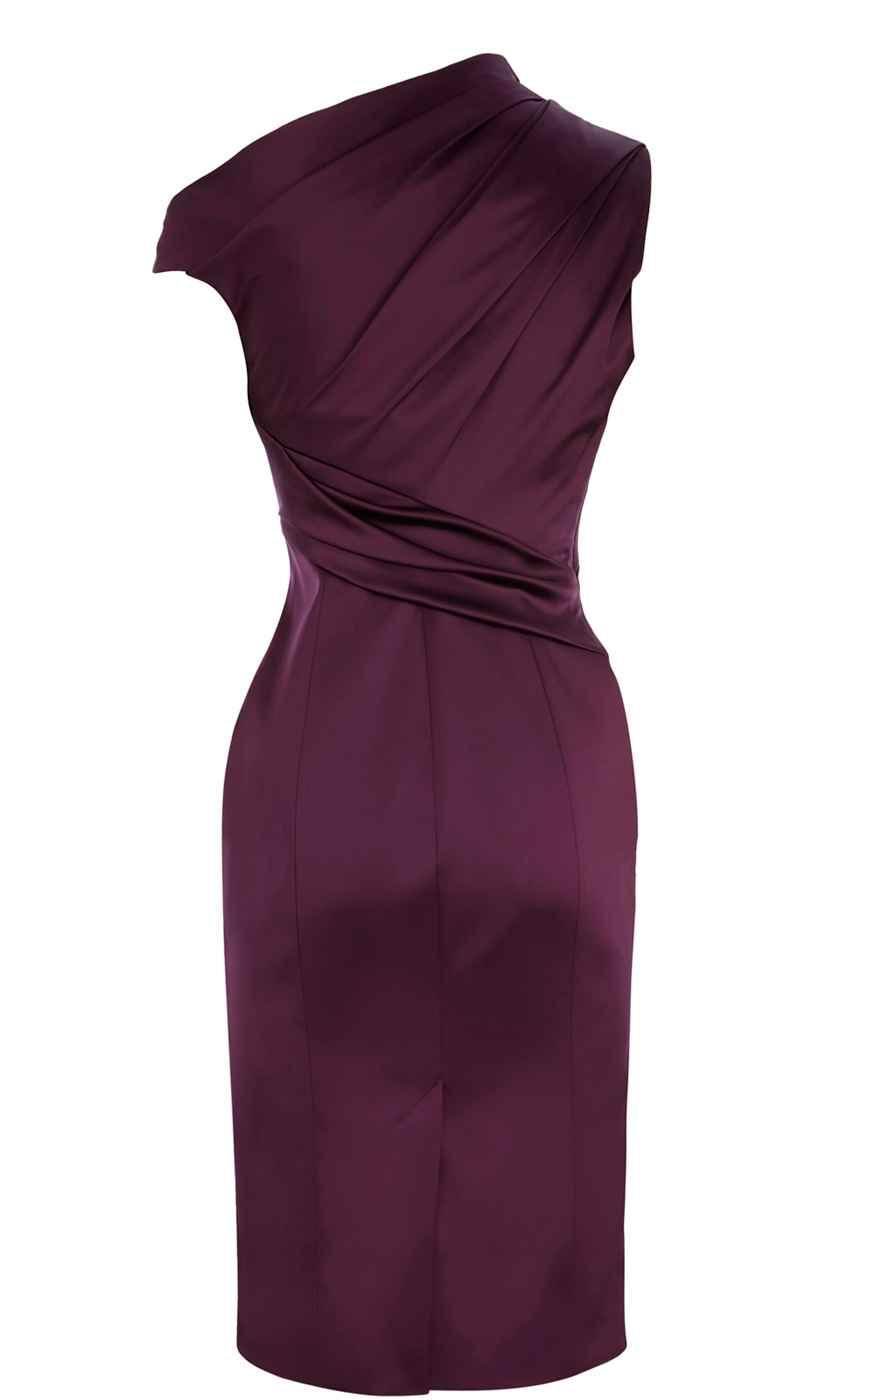 صور فساتين قصيرة , اجمل اشكال الفستان القصير لحفلات البنات